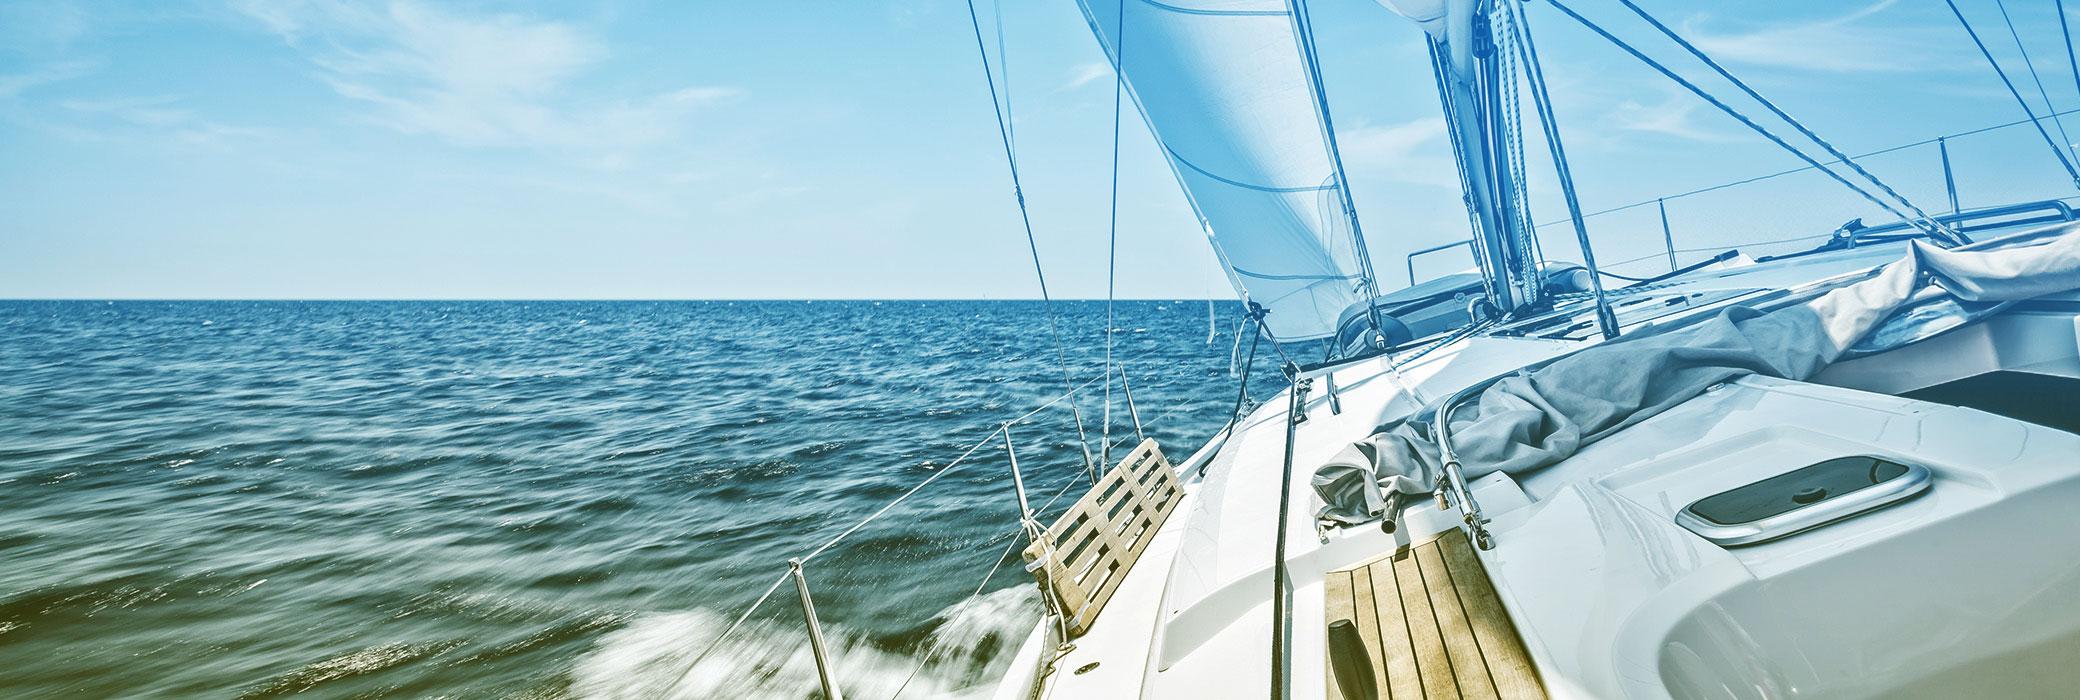 Een zeilboot in open water met blauwe lucht